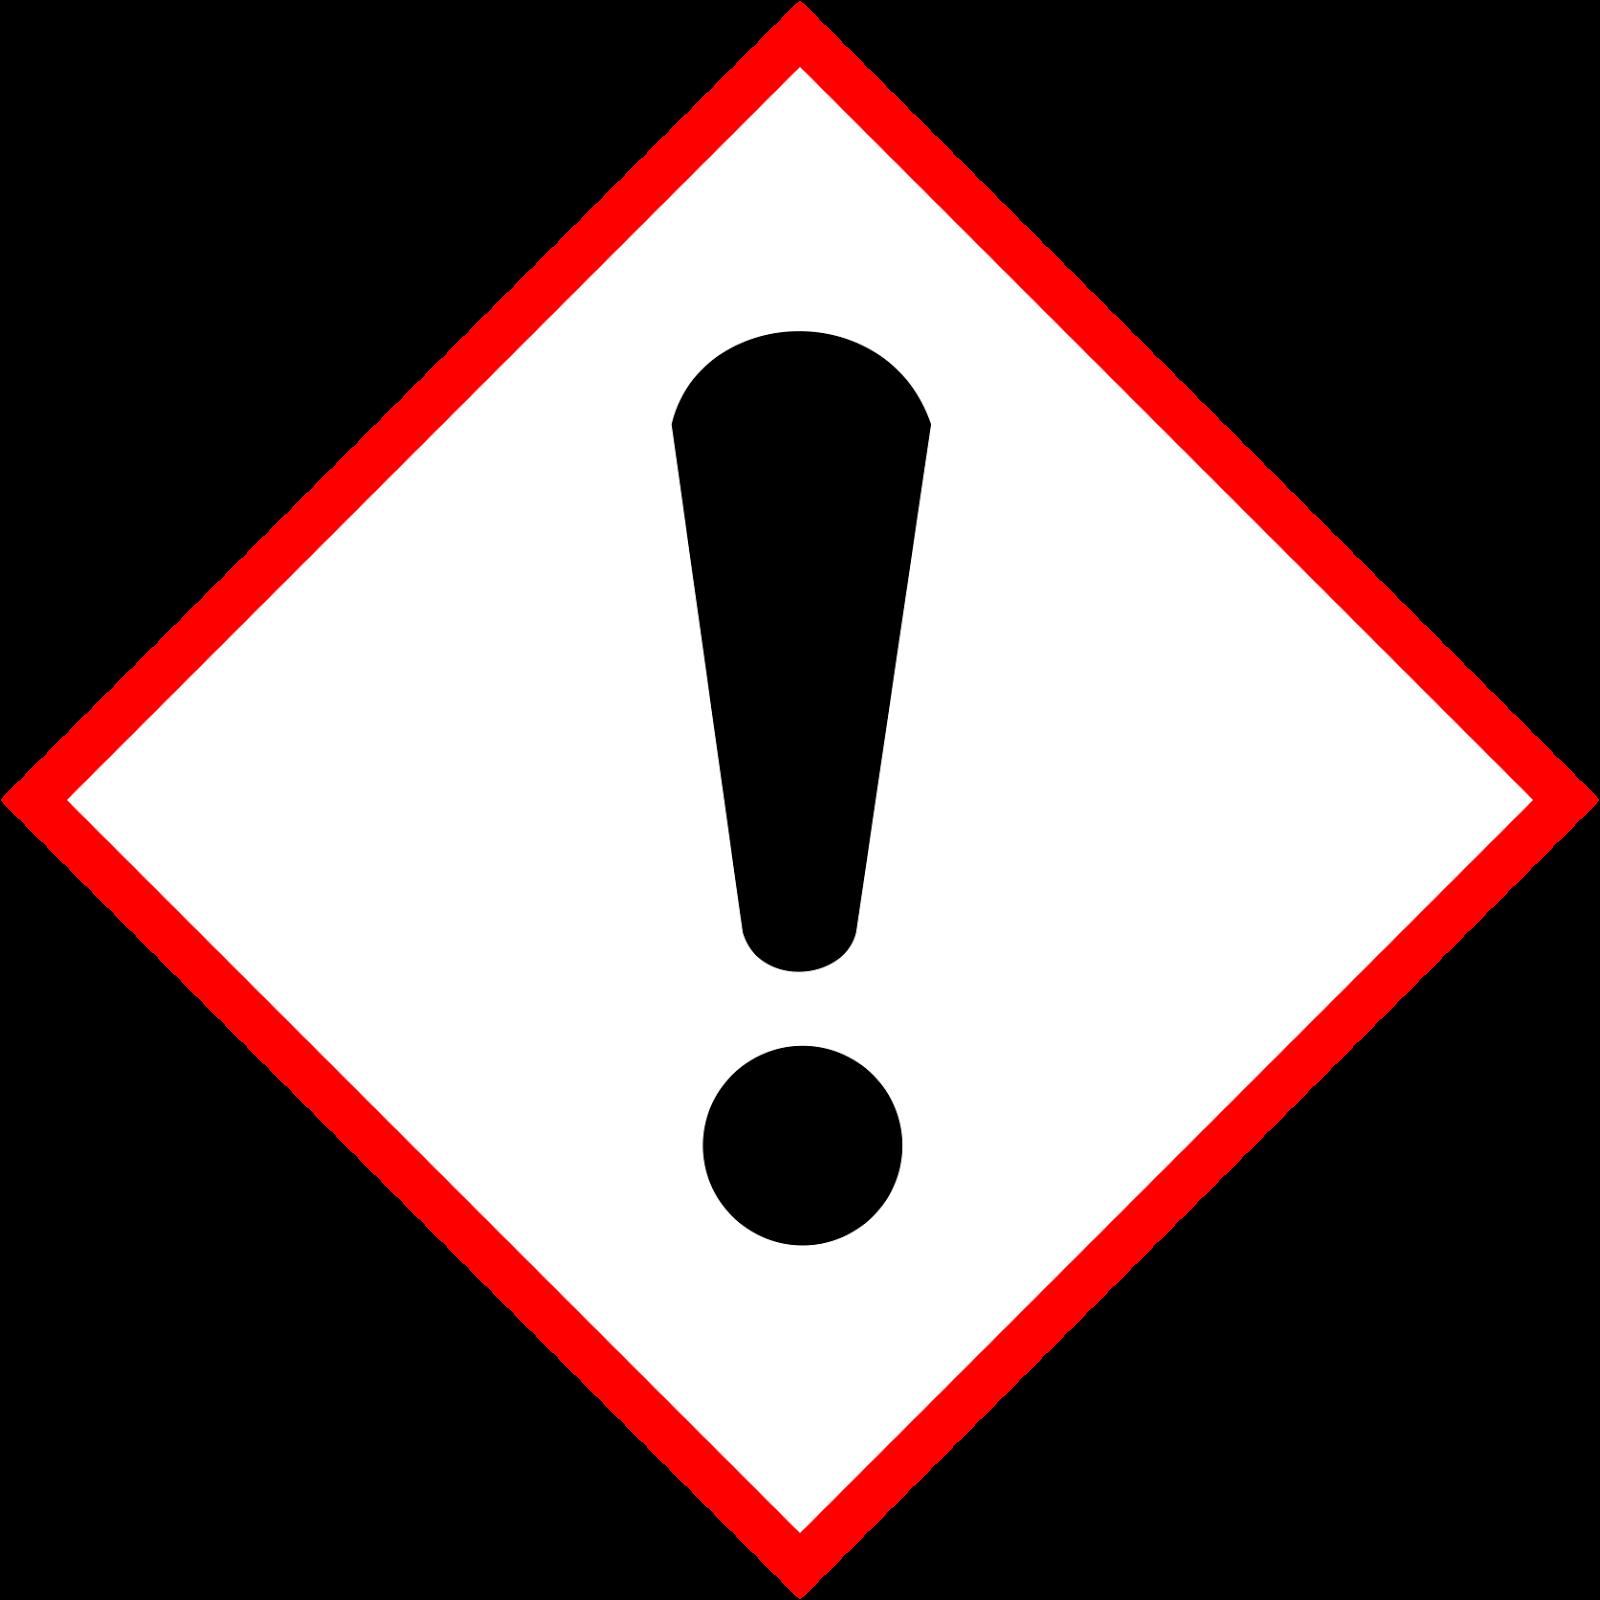 Hazard symbols oxidising